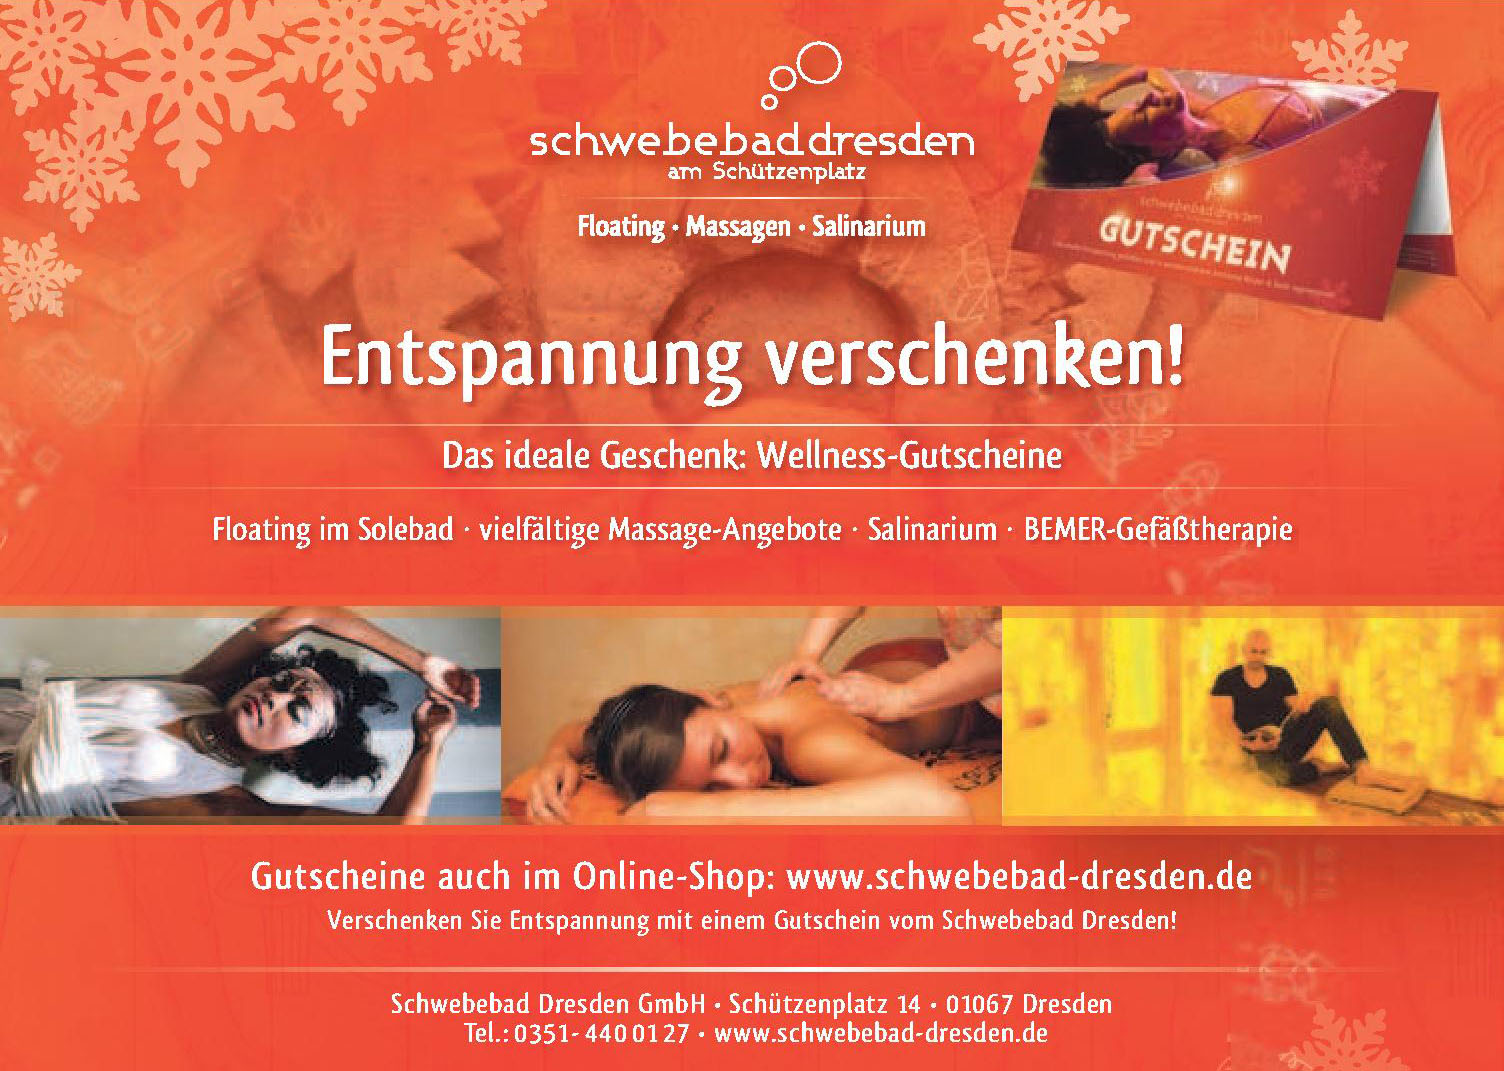 Schwebebad Dresden GmbH